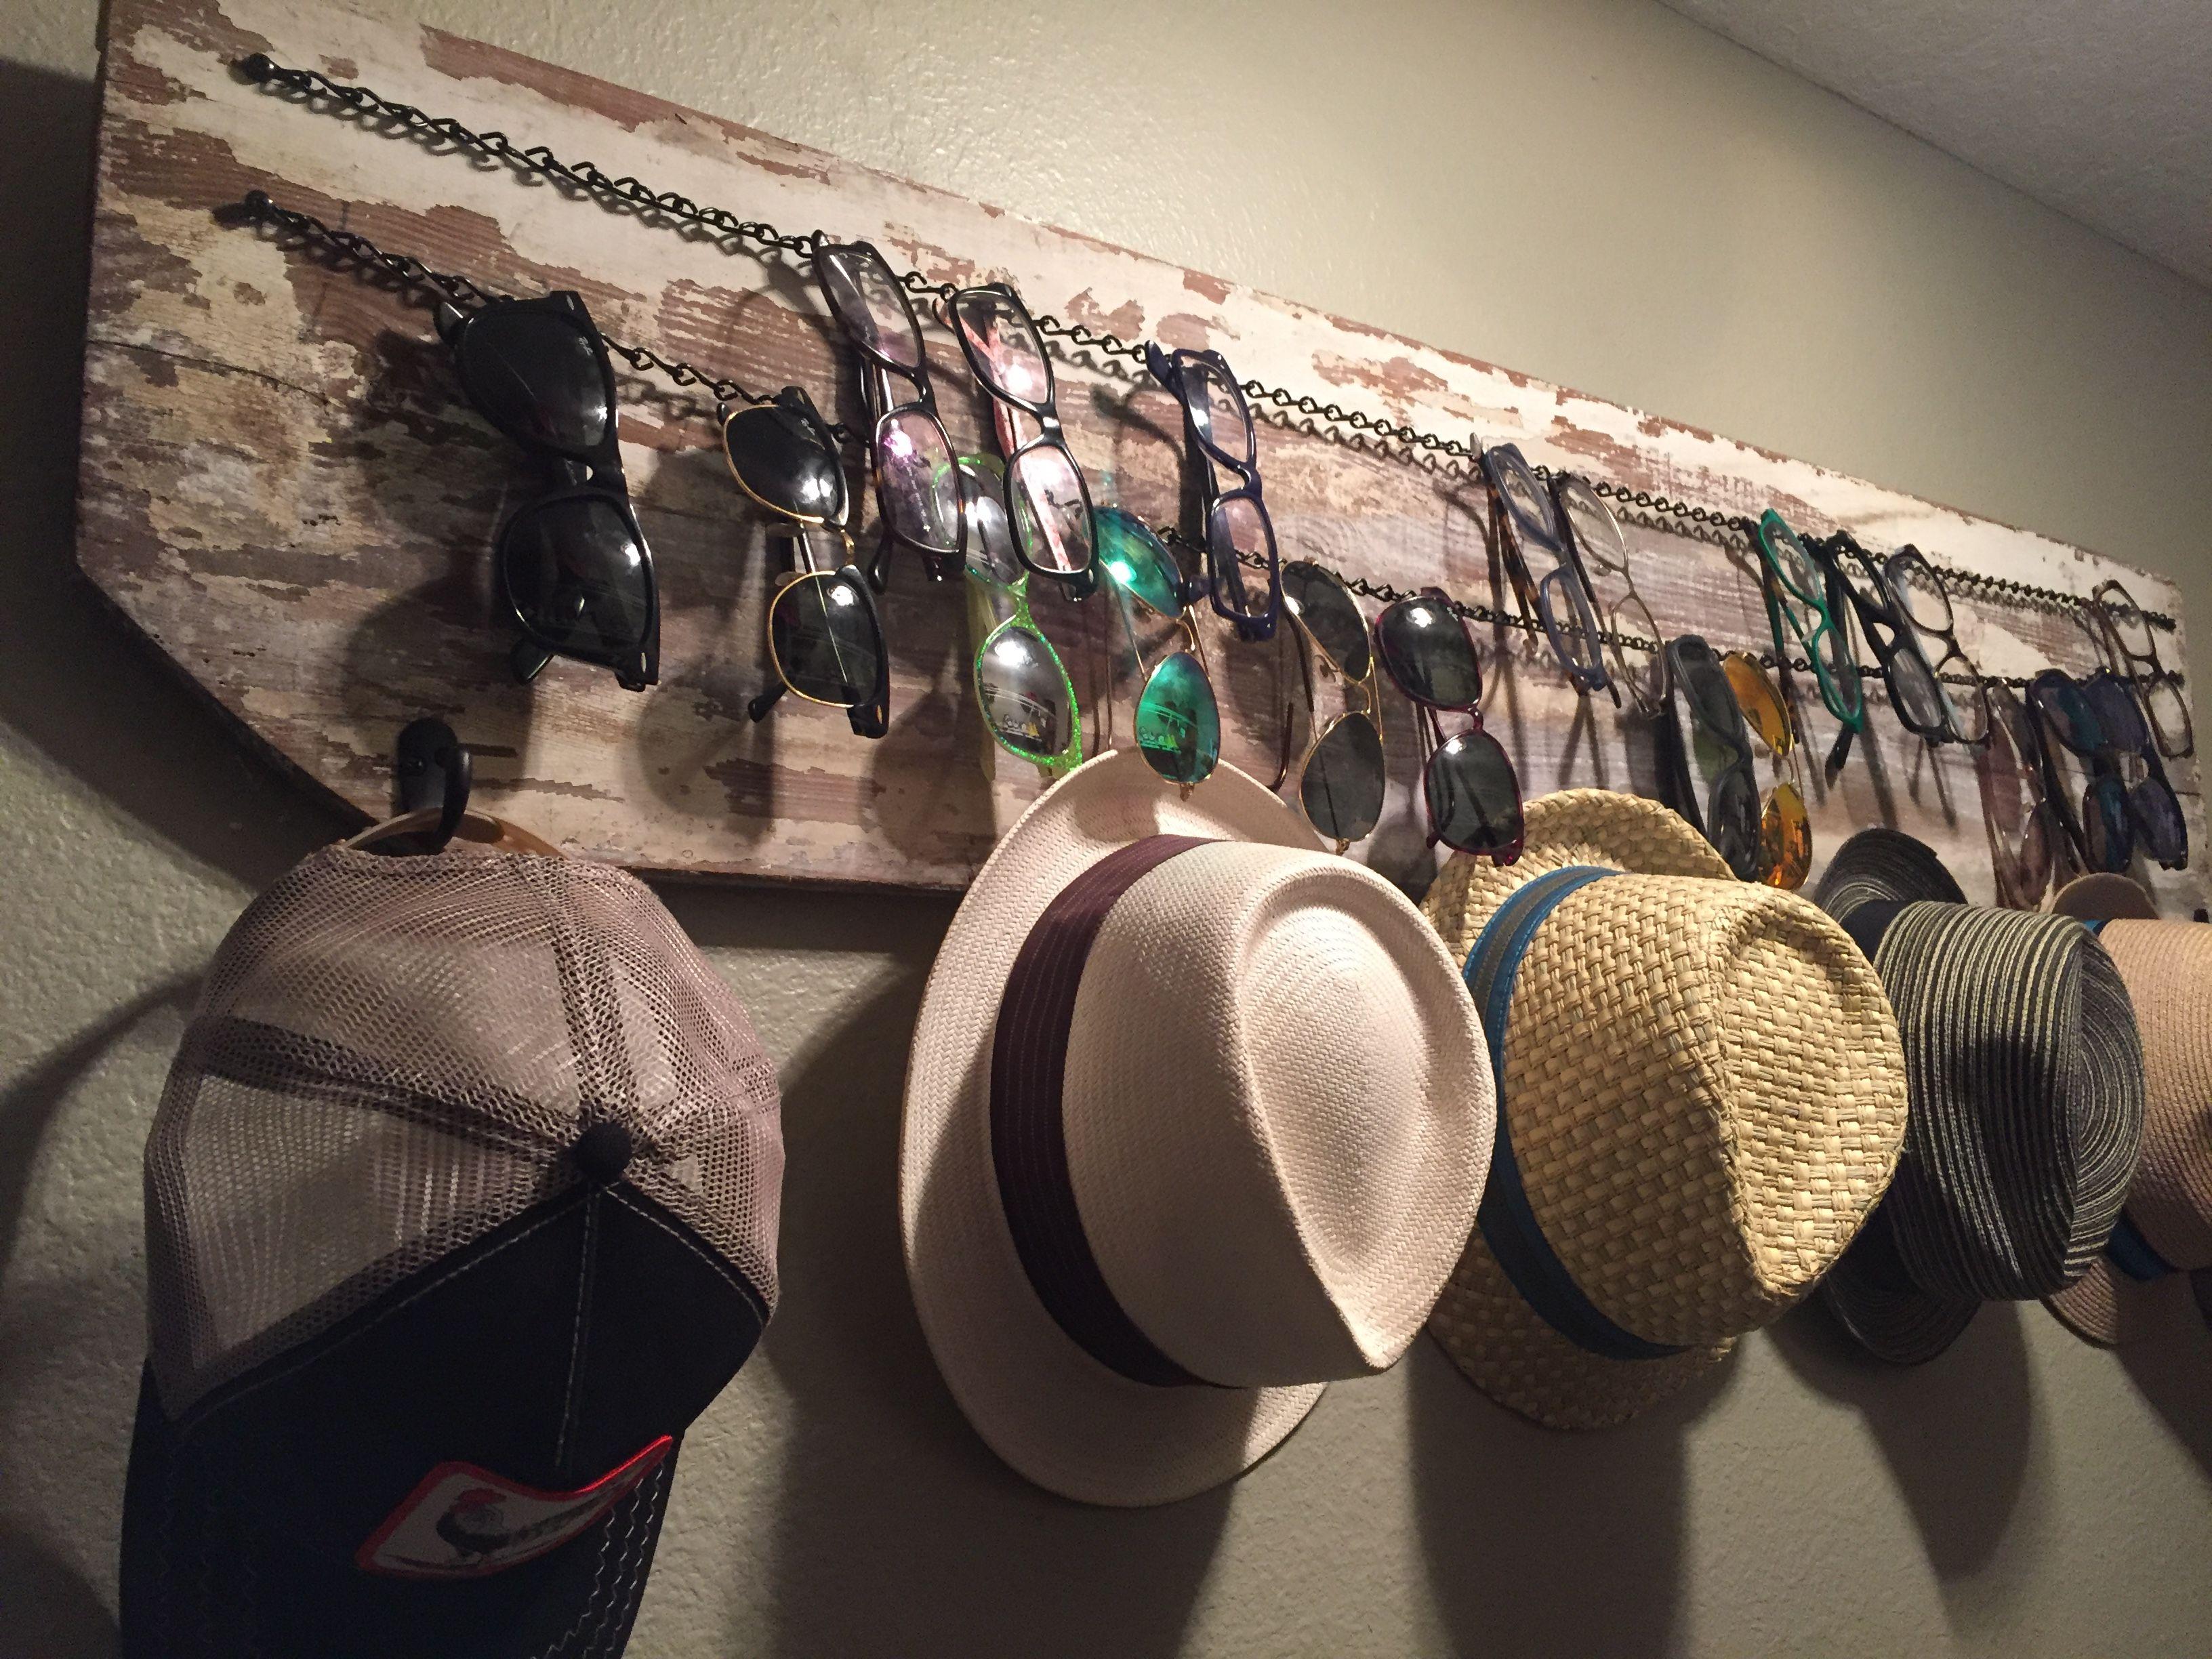 Sunglasses Sunglasses Storage Hat Storage Sunglass Holder